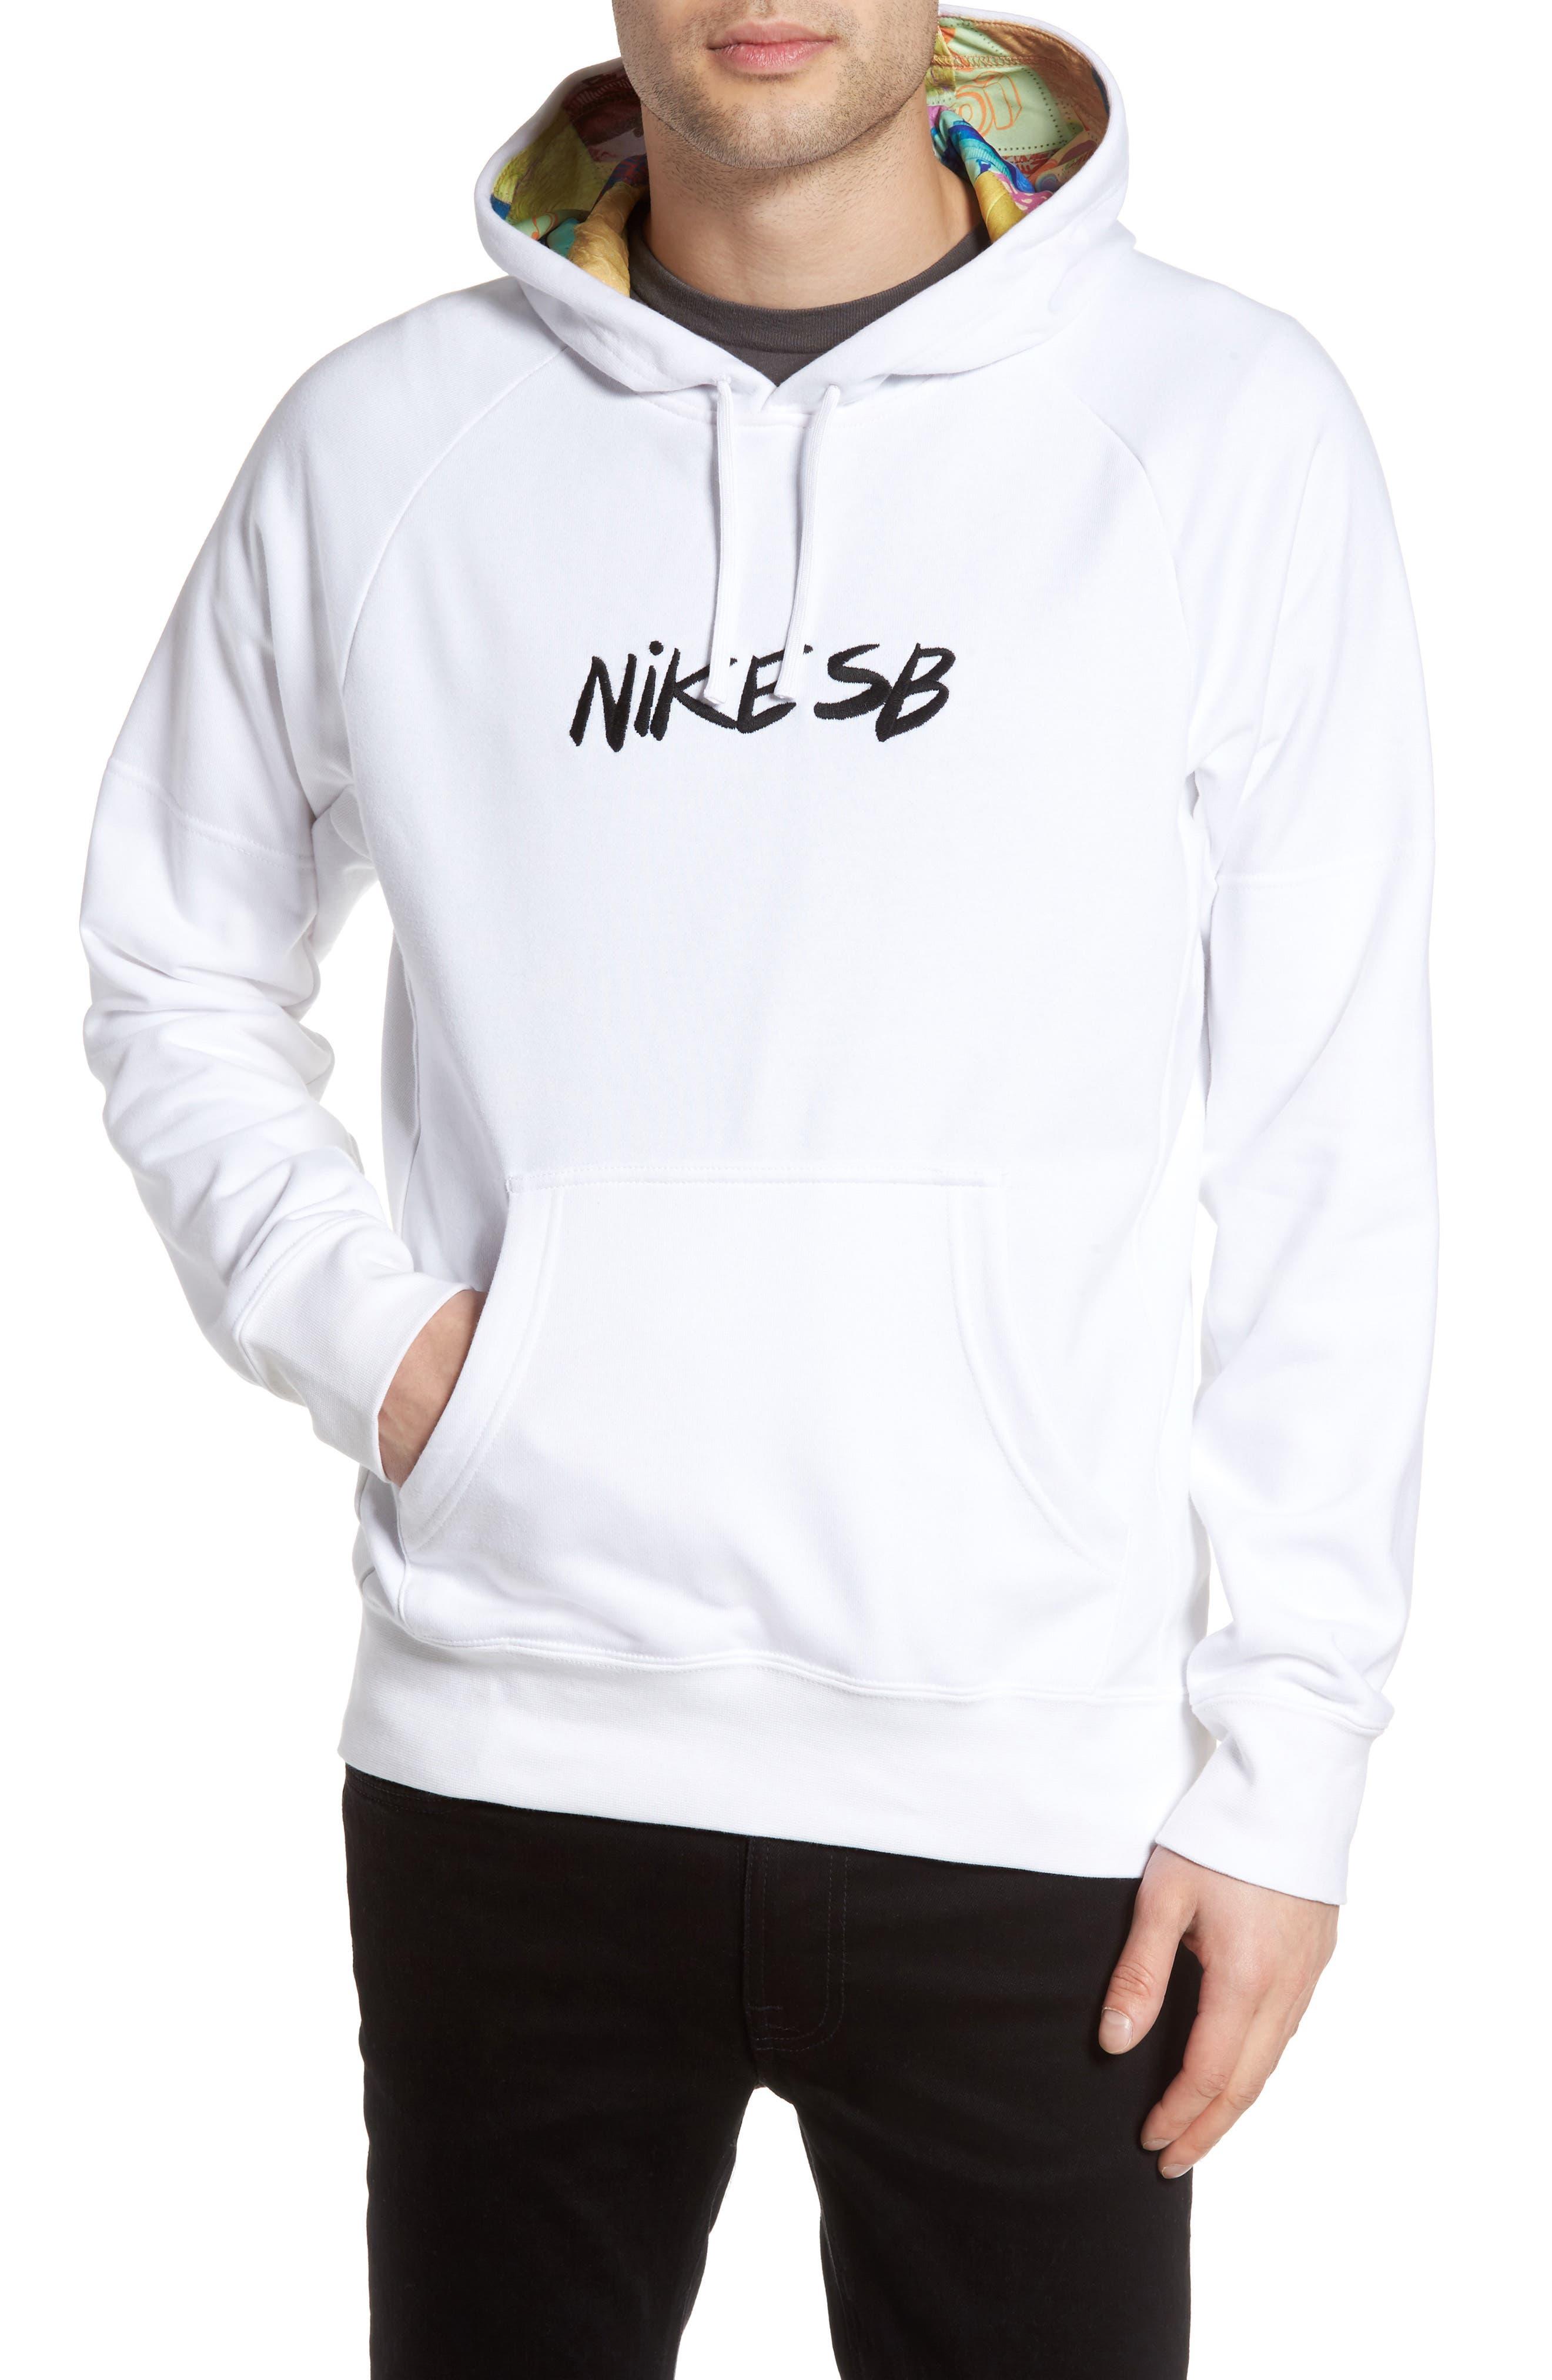 Nike SB x Thomas Campbell Dry Everett Hoodie